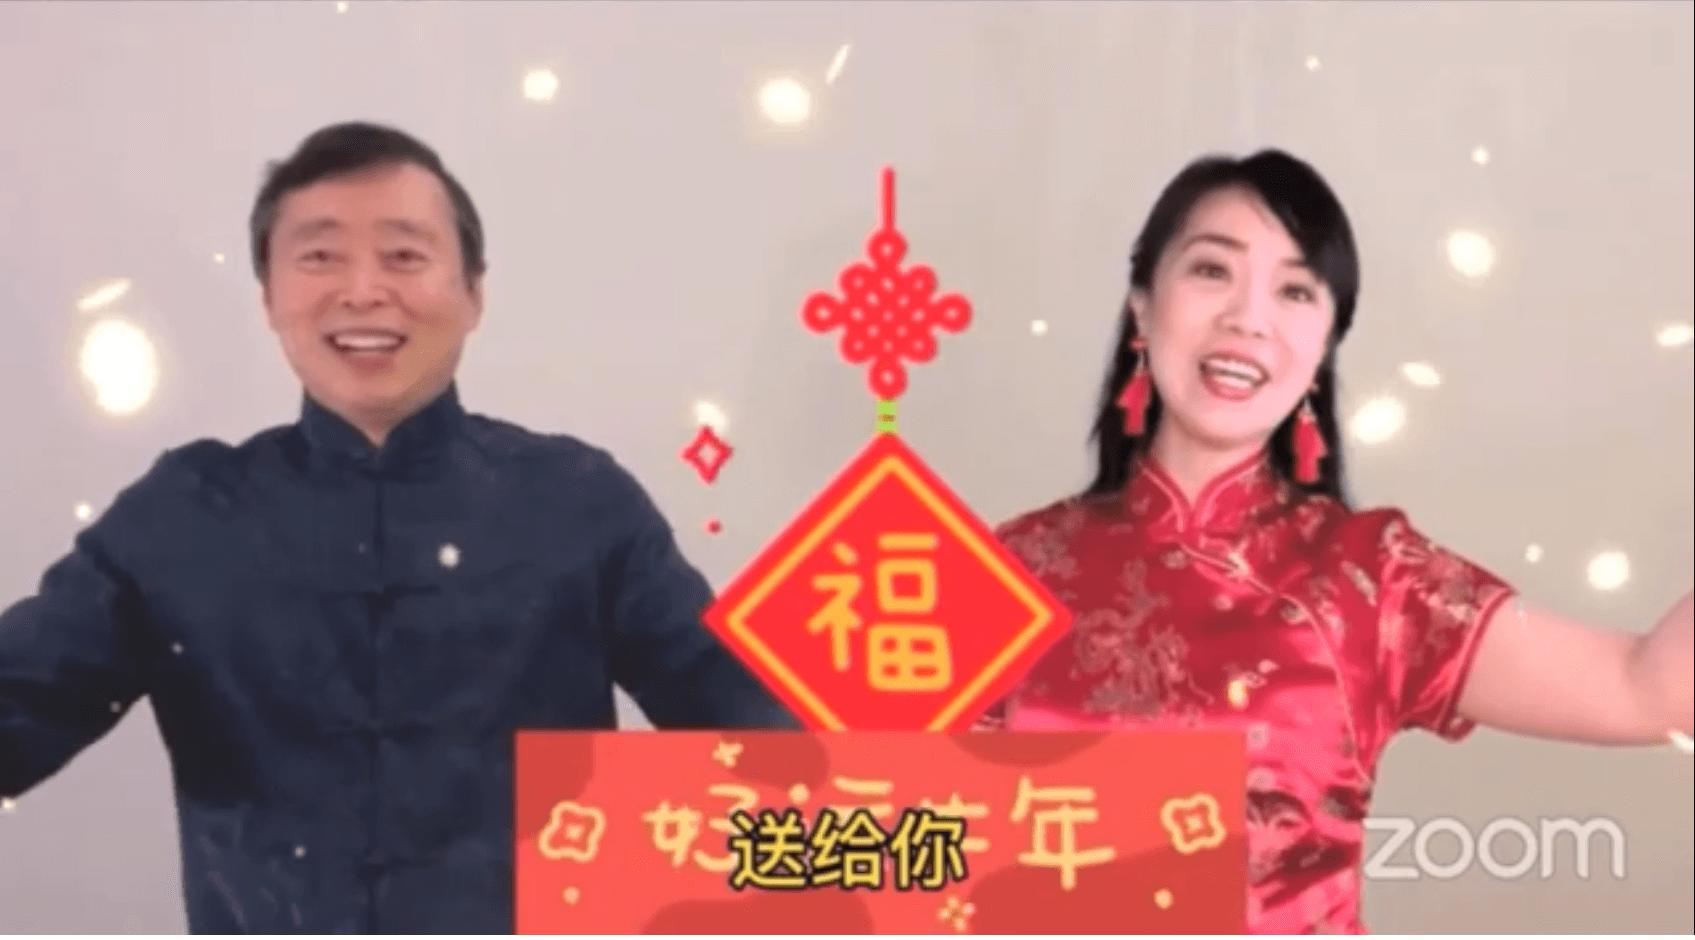 欢歌曼舞舞狮戏曲迎接中国农历新年 中国旅美科协2021春节团拜会侧记